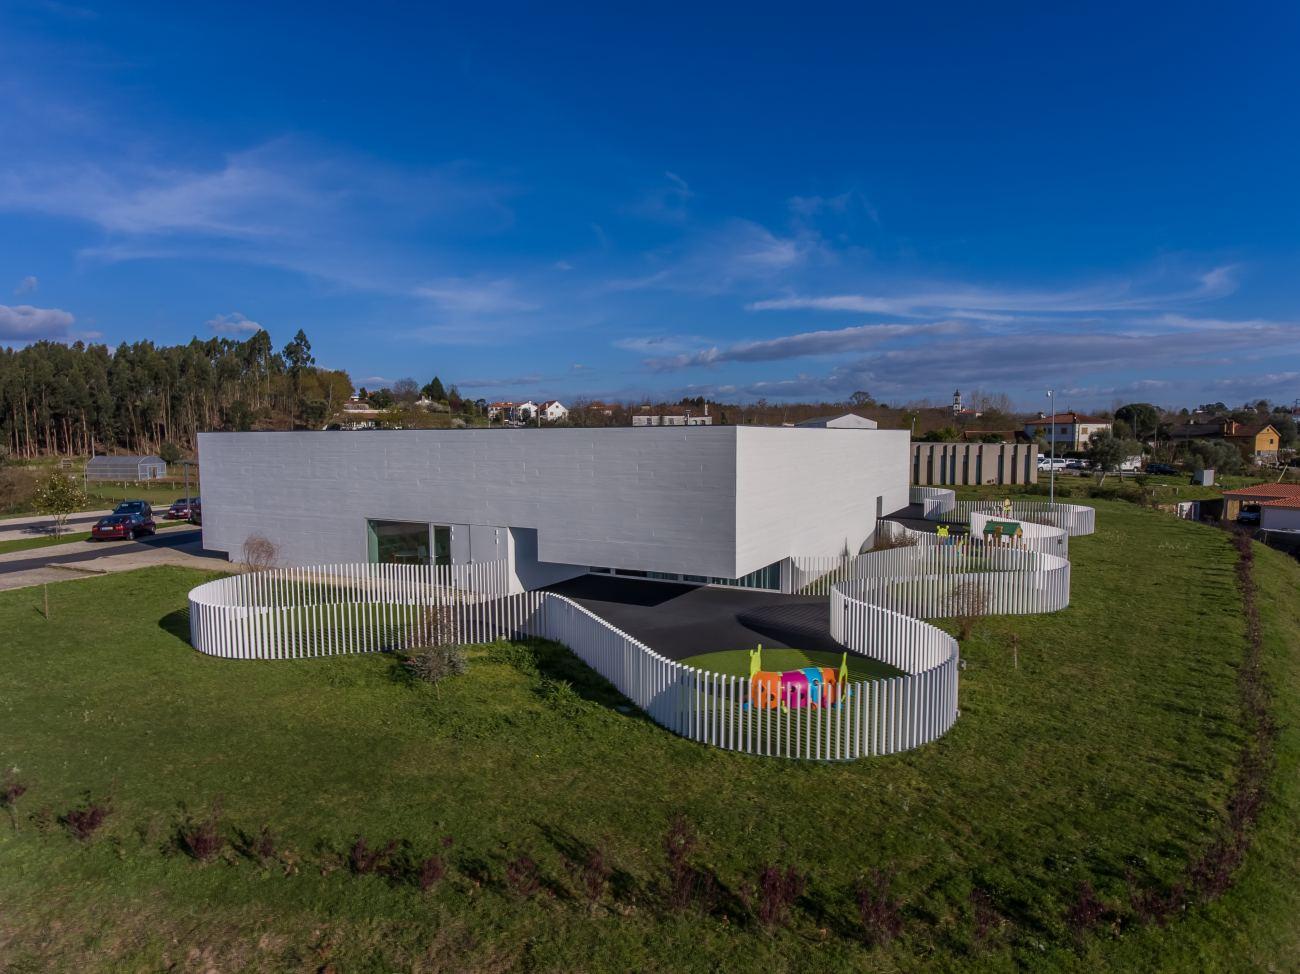 construcao-da-creche-casa-de-magalhaes-acabamentos-interiores-e-arranjos-exteriores-12